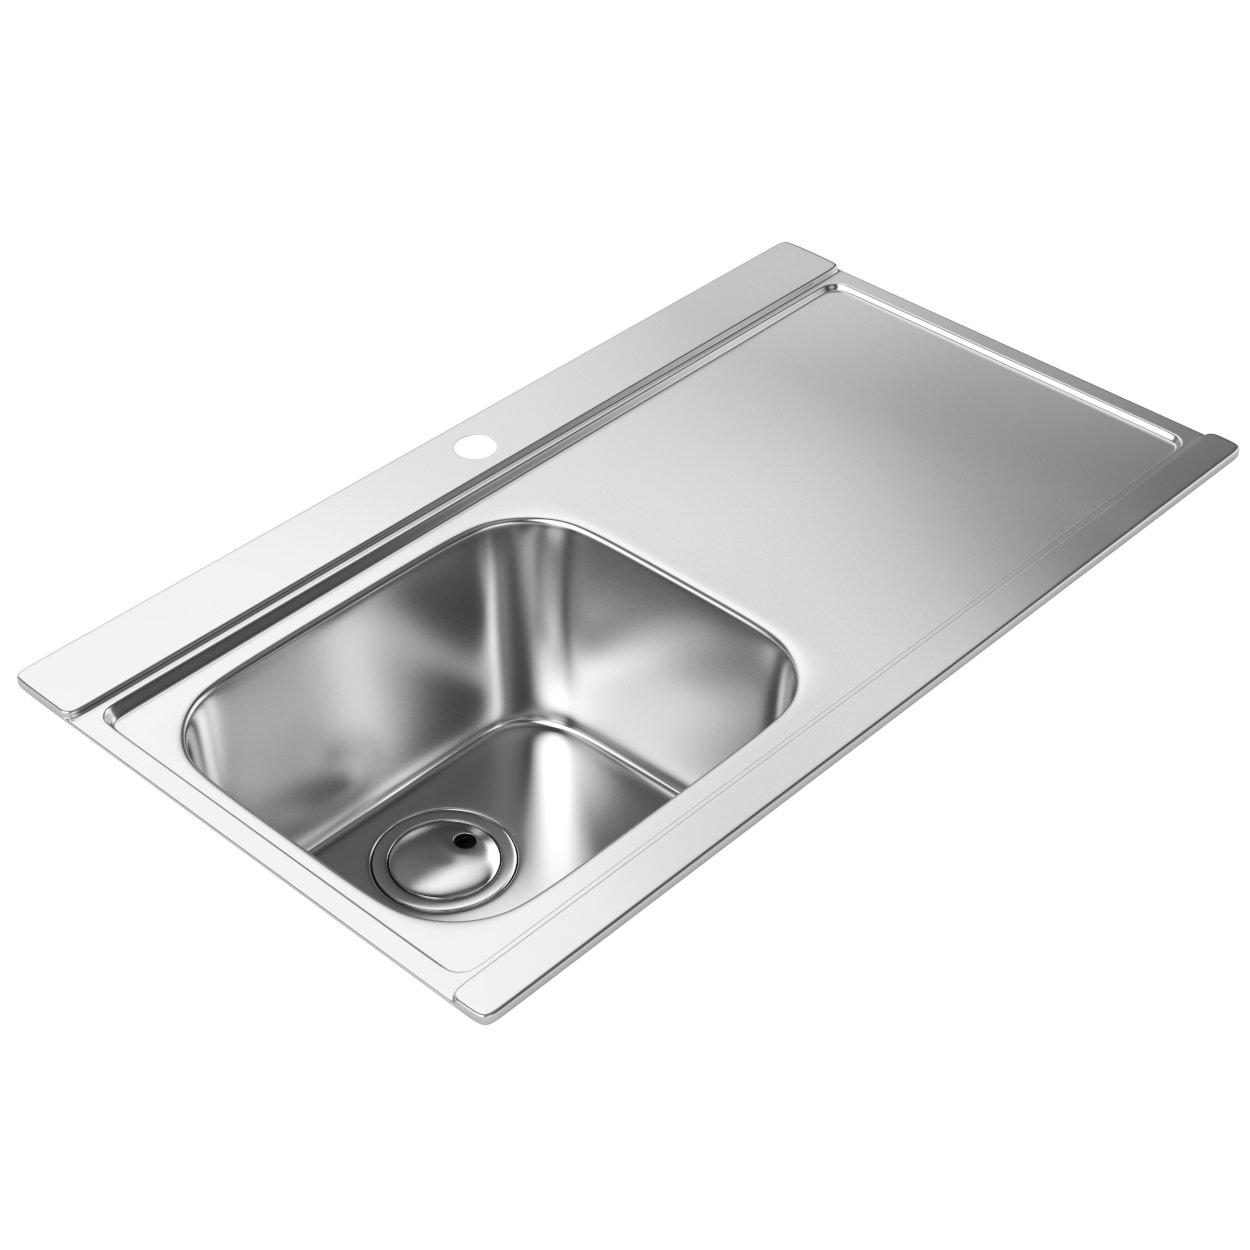 Abode Maxim One Bowl Kitchen Sink | AW5033